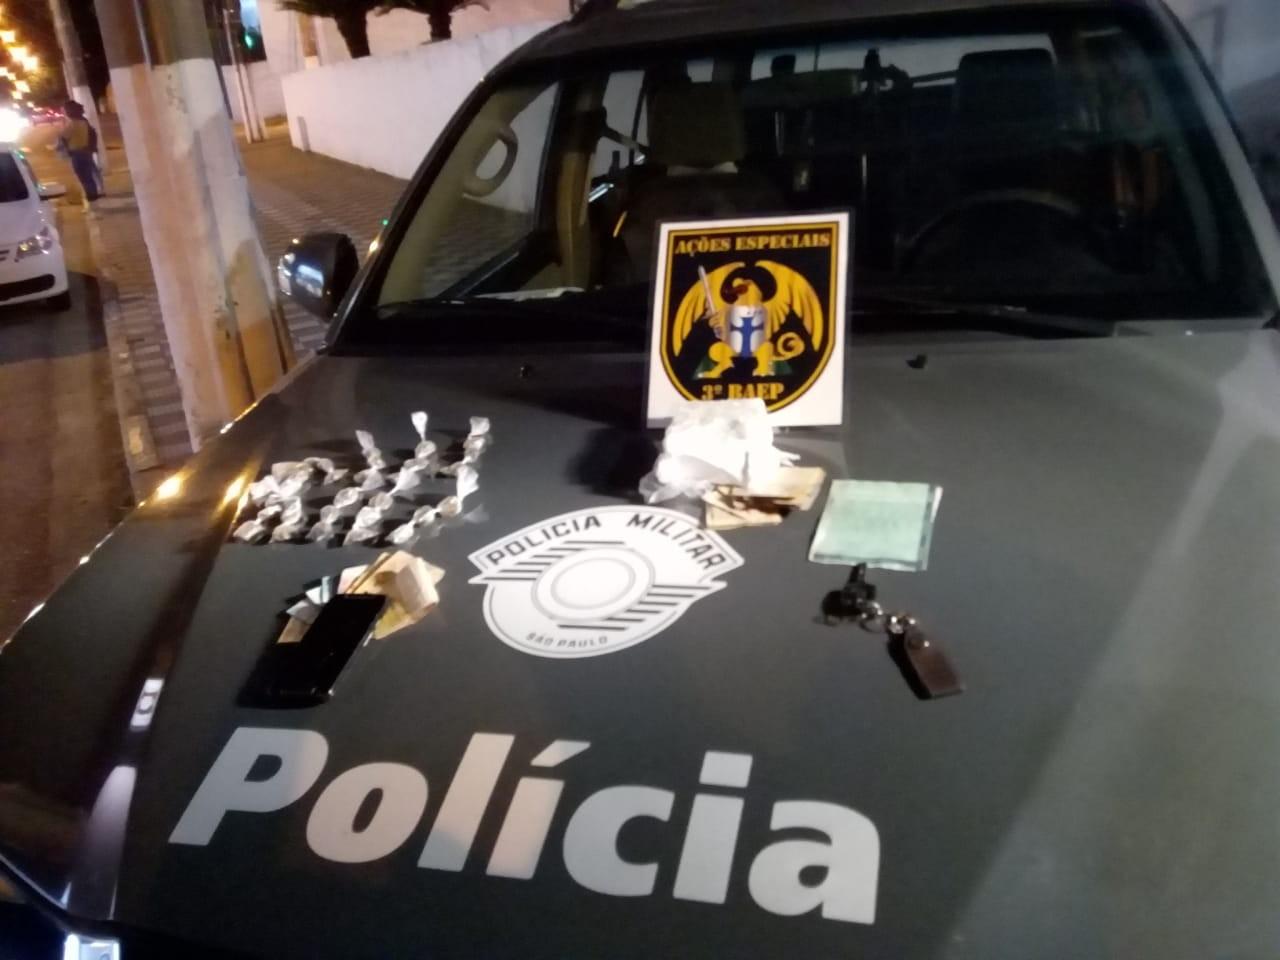 Homem é preso por tráfico de drogas no Jardim Emília em Jacareí, SP - Noticias